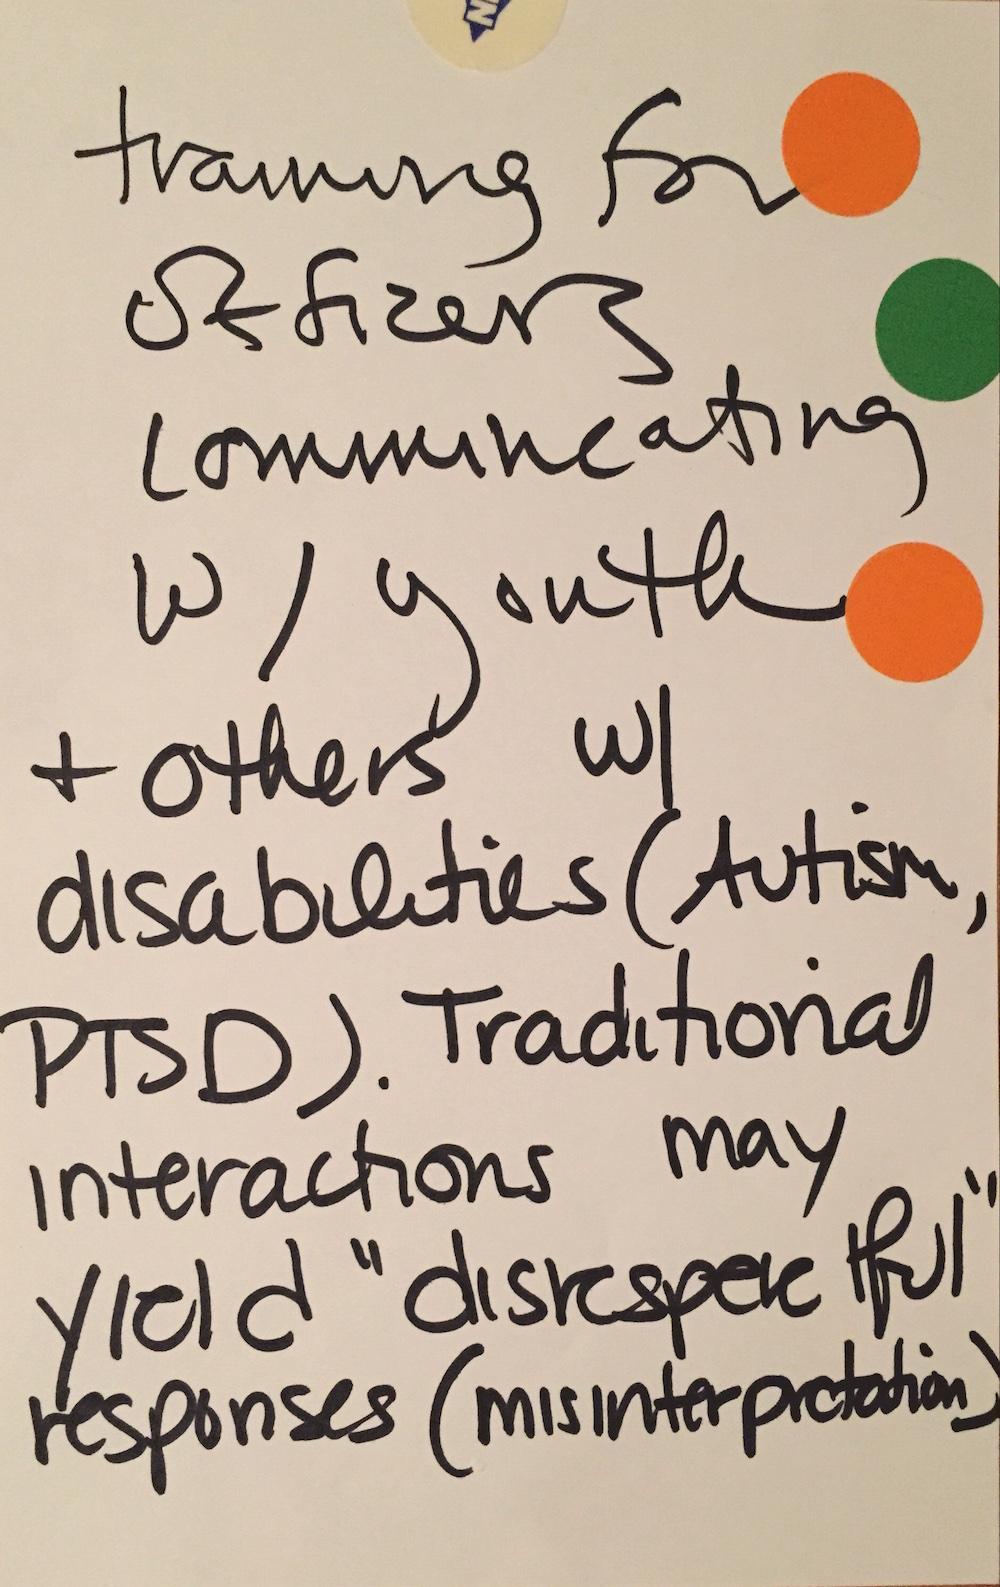 CommunityIdeasLab_Page_134.jpeg